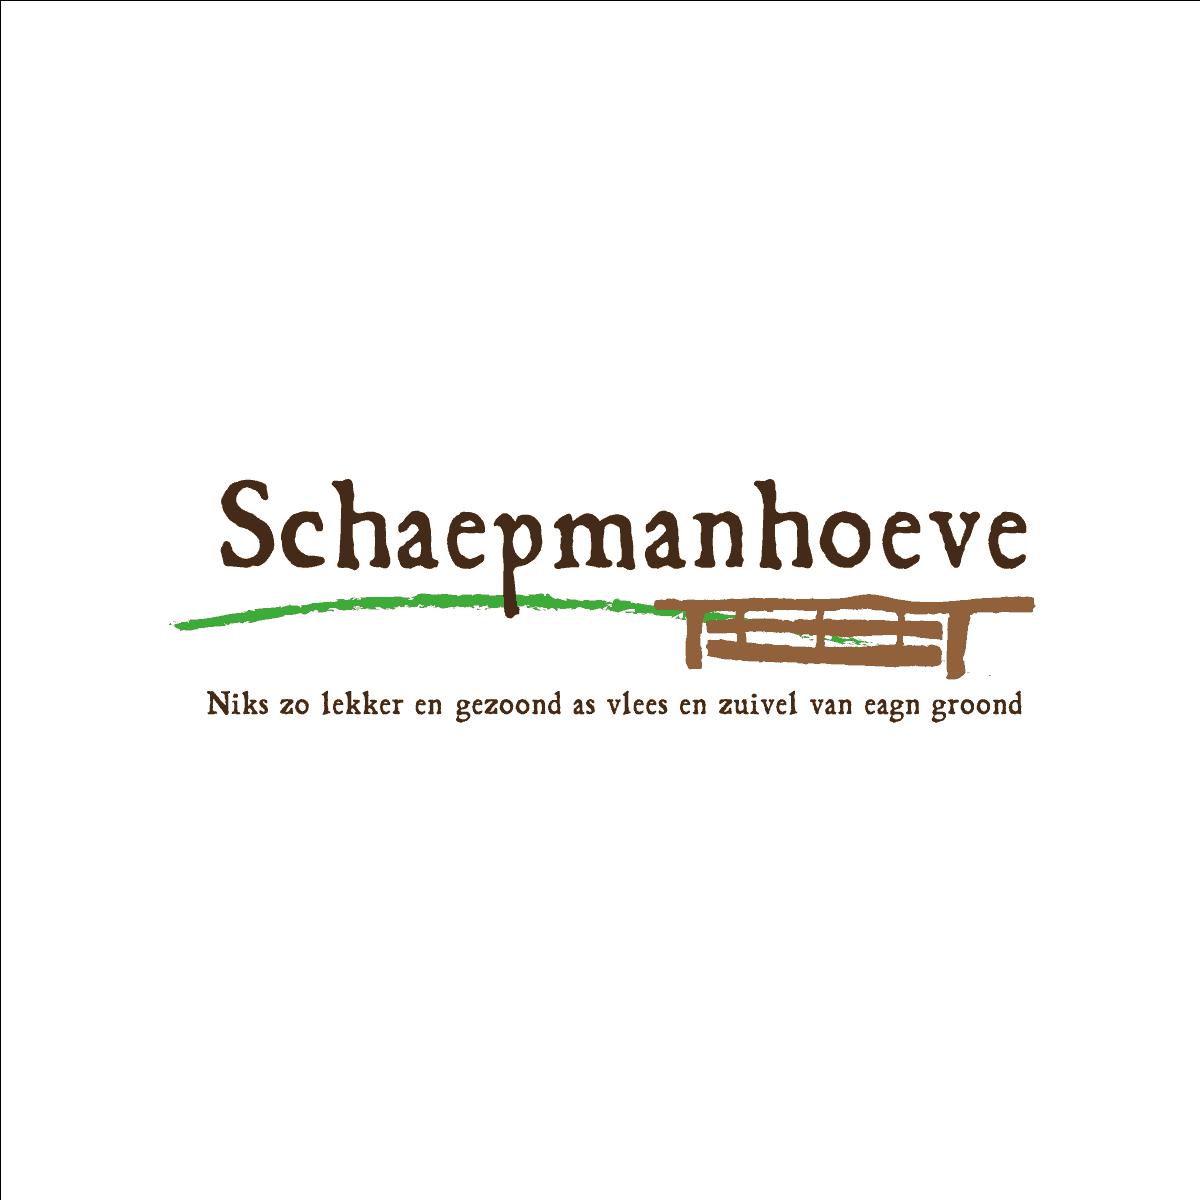 logo-ontwerp-schaepmanhoeve-burobedenkt